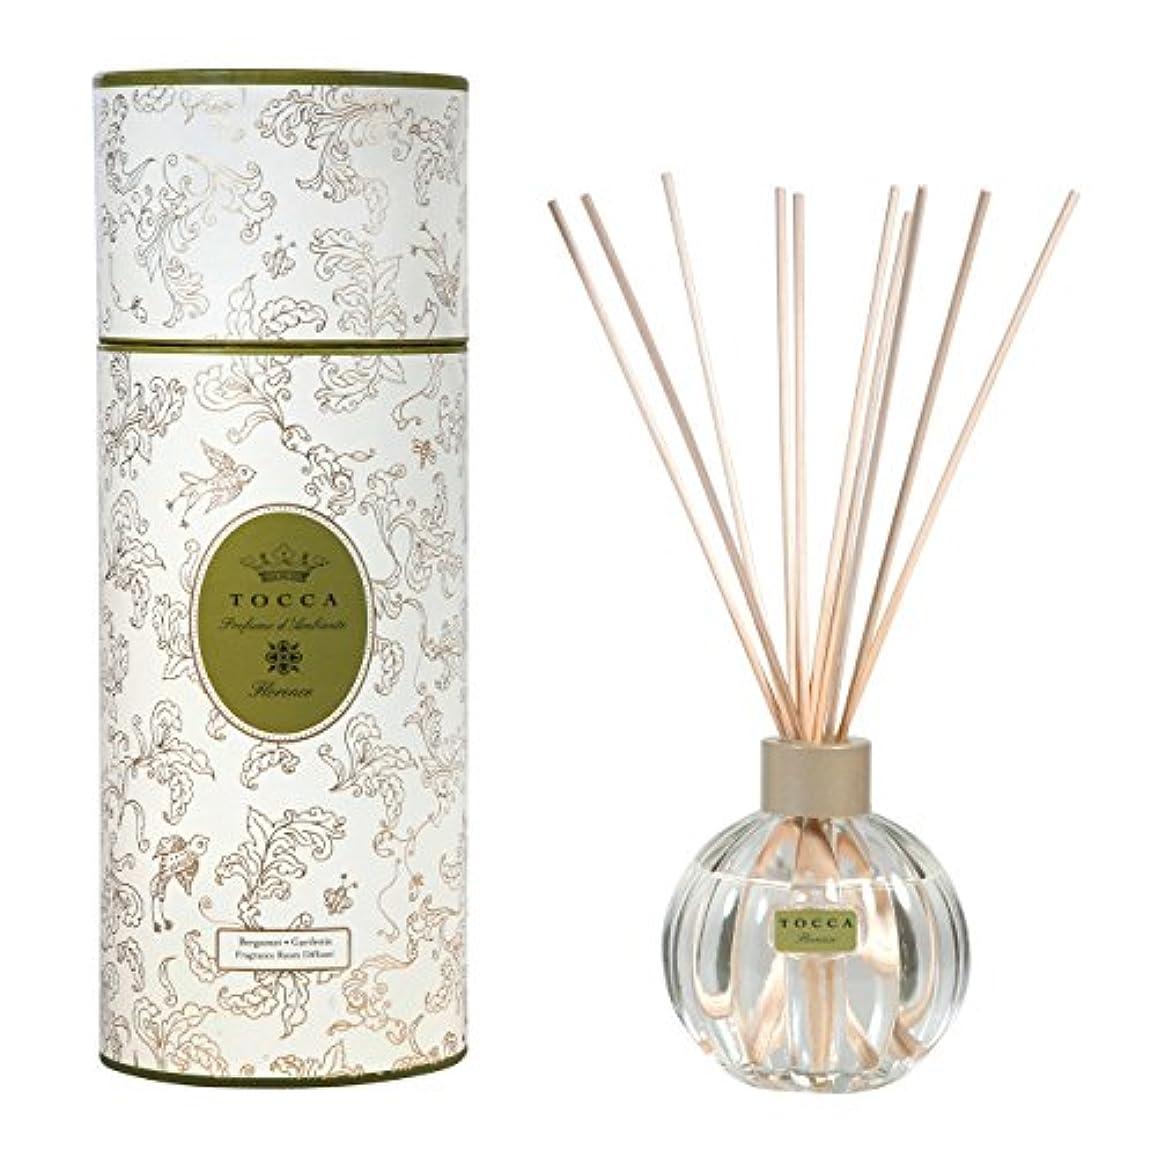 チェリー倫理インセンティブトッカ(TOCCA) リードディフューザー フローレンスの香り 175ml 3~4ヶ月持続(芳香剤 ルームフレグランス ガーデニアとベルガモットが誘うように溶け合うどこまでも上品なフローラルの香り)